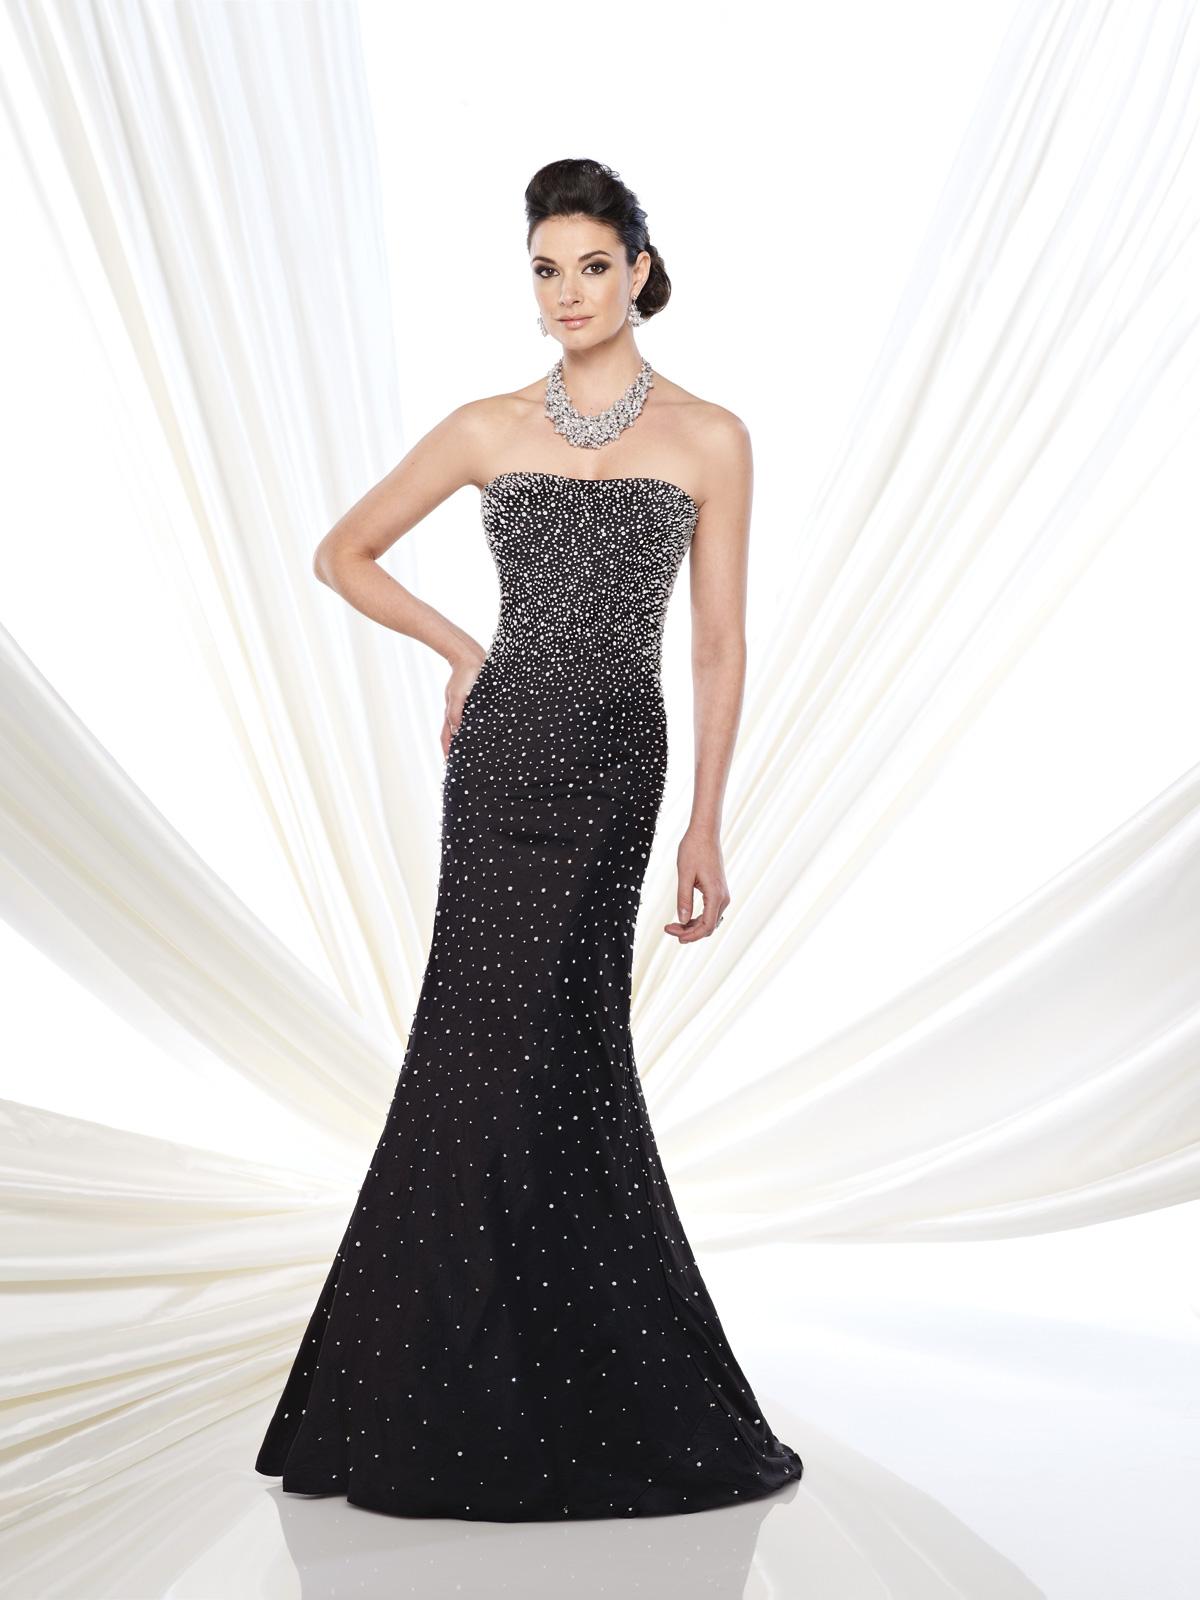 Vestido de Festa tomara que caia clássico confeccionado em tafetá e todo bordado em explosão de pedrarias e cristais, saia com corte sereia.